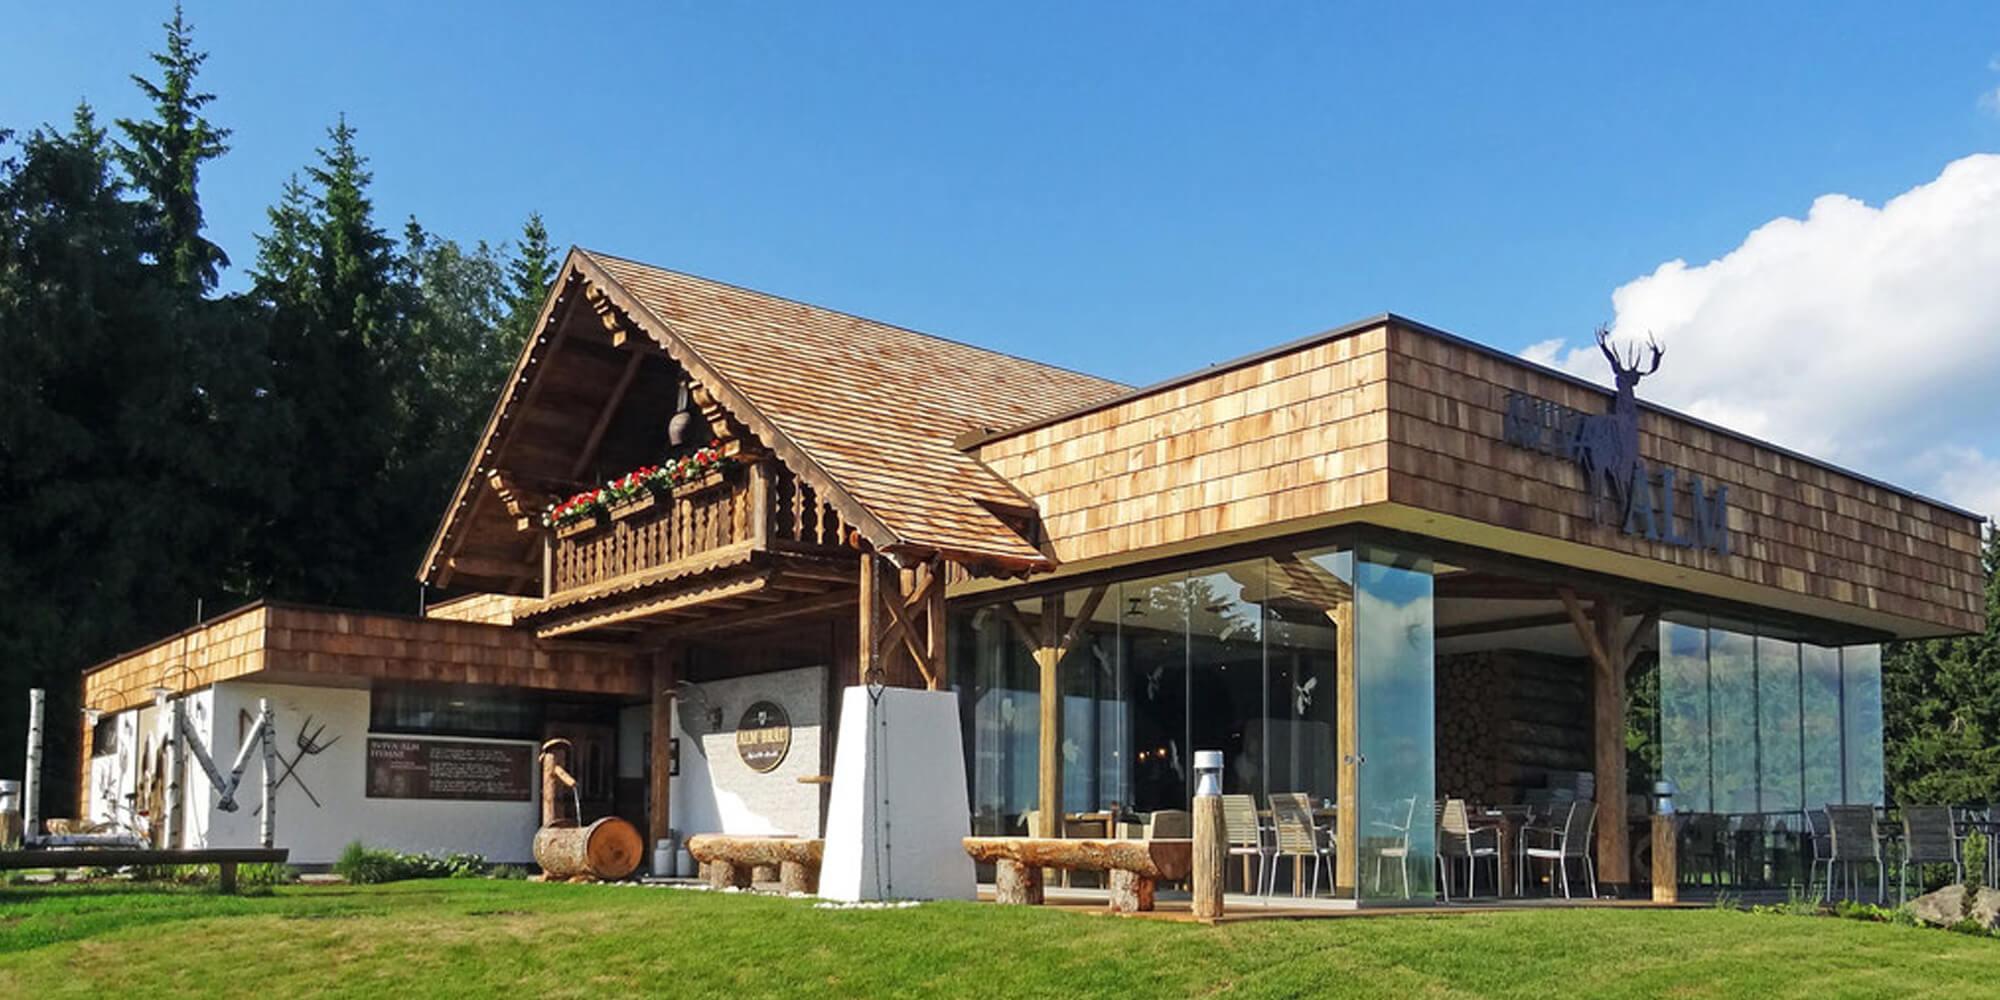 Crea-Plan-Design-Rauch-Frühmann-Architektur-Innenarchitektur-Design-Projekt-Referenz-Hotelerie-Gastronomie-AVIVA-Alm-2